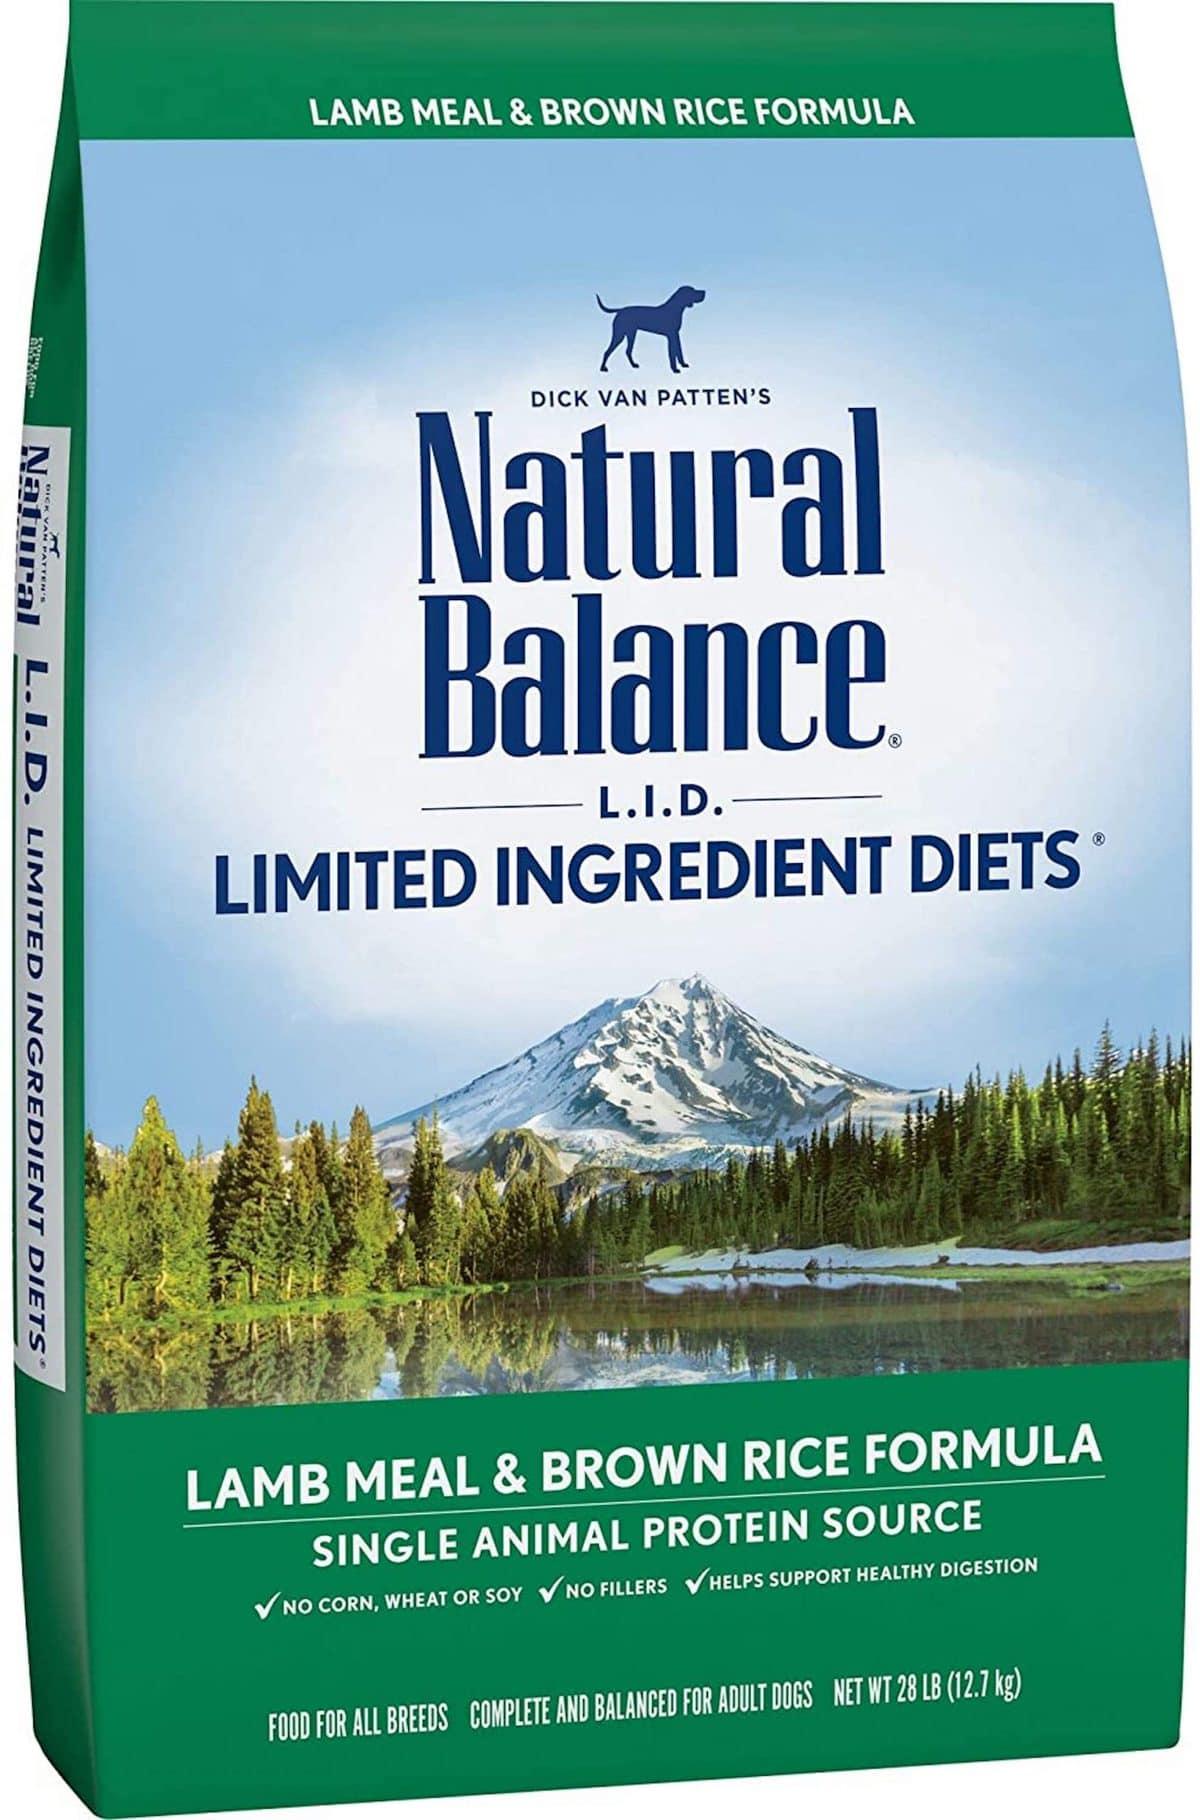 Natural Balance Lamb and Brown Rice Formula